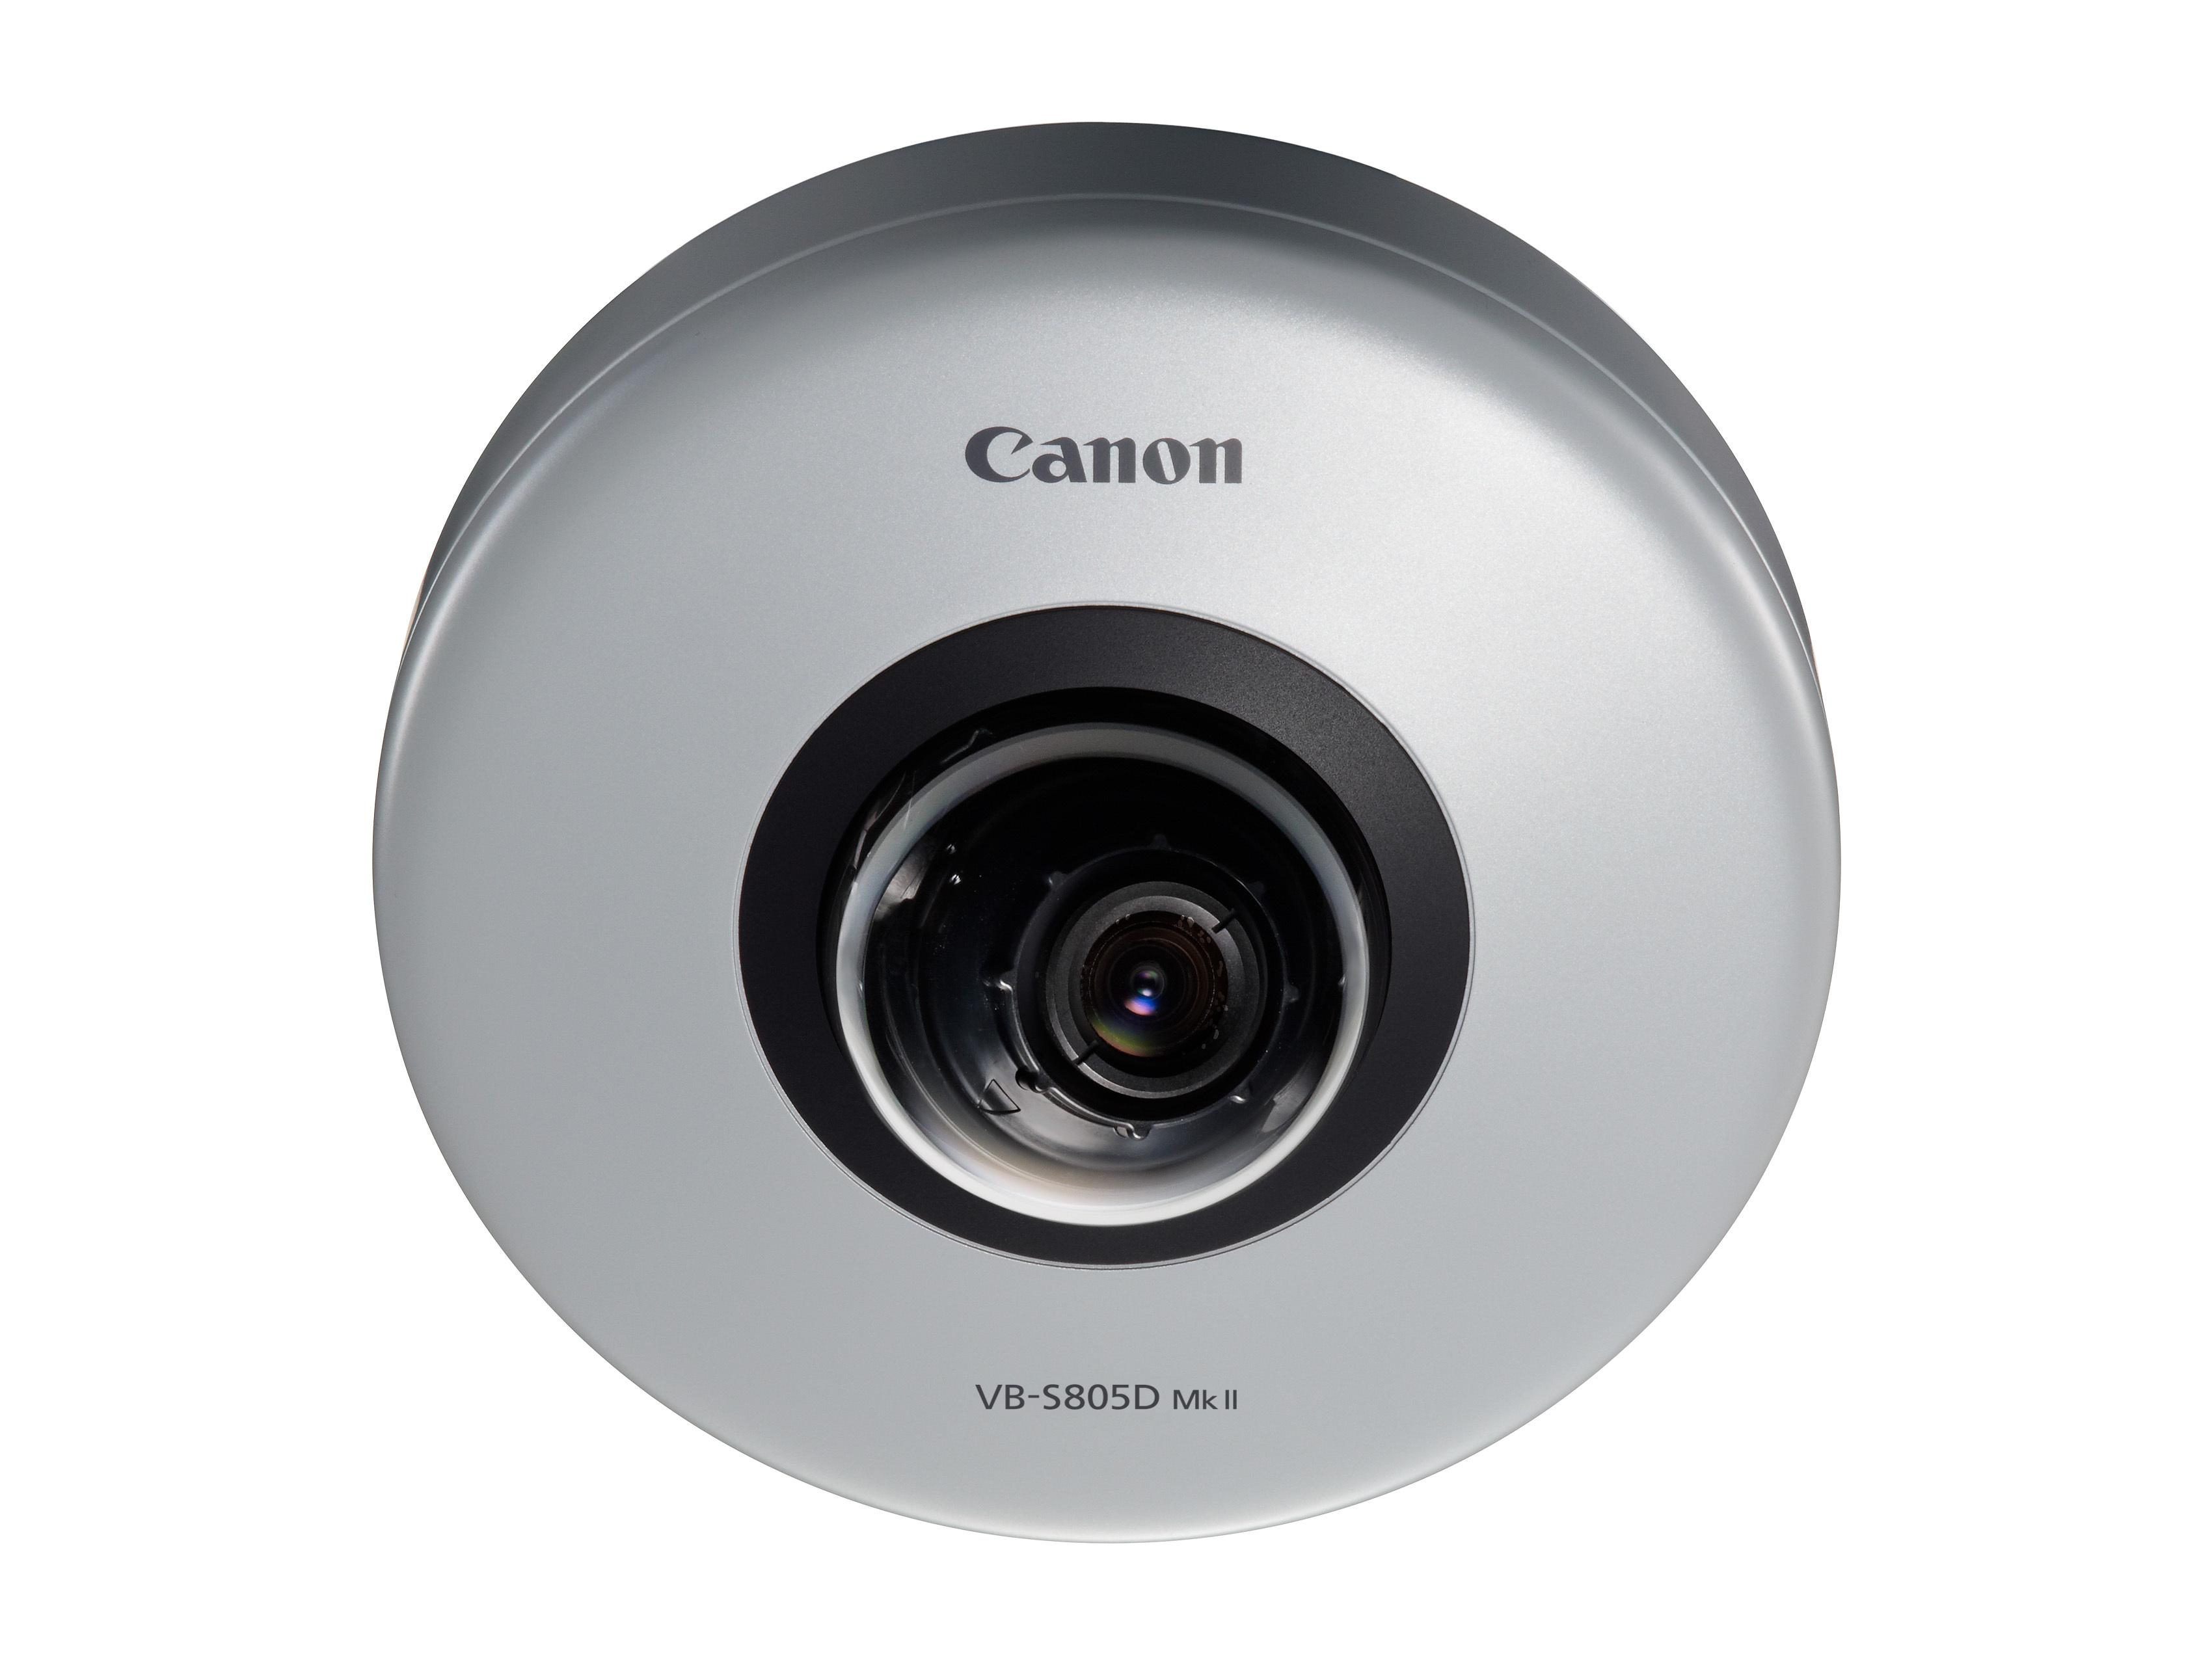 Canon VB-S805D MK II